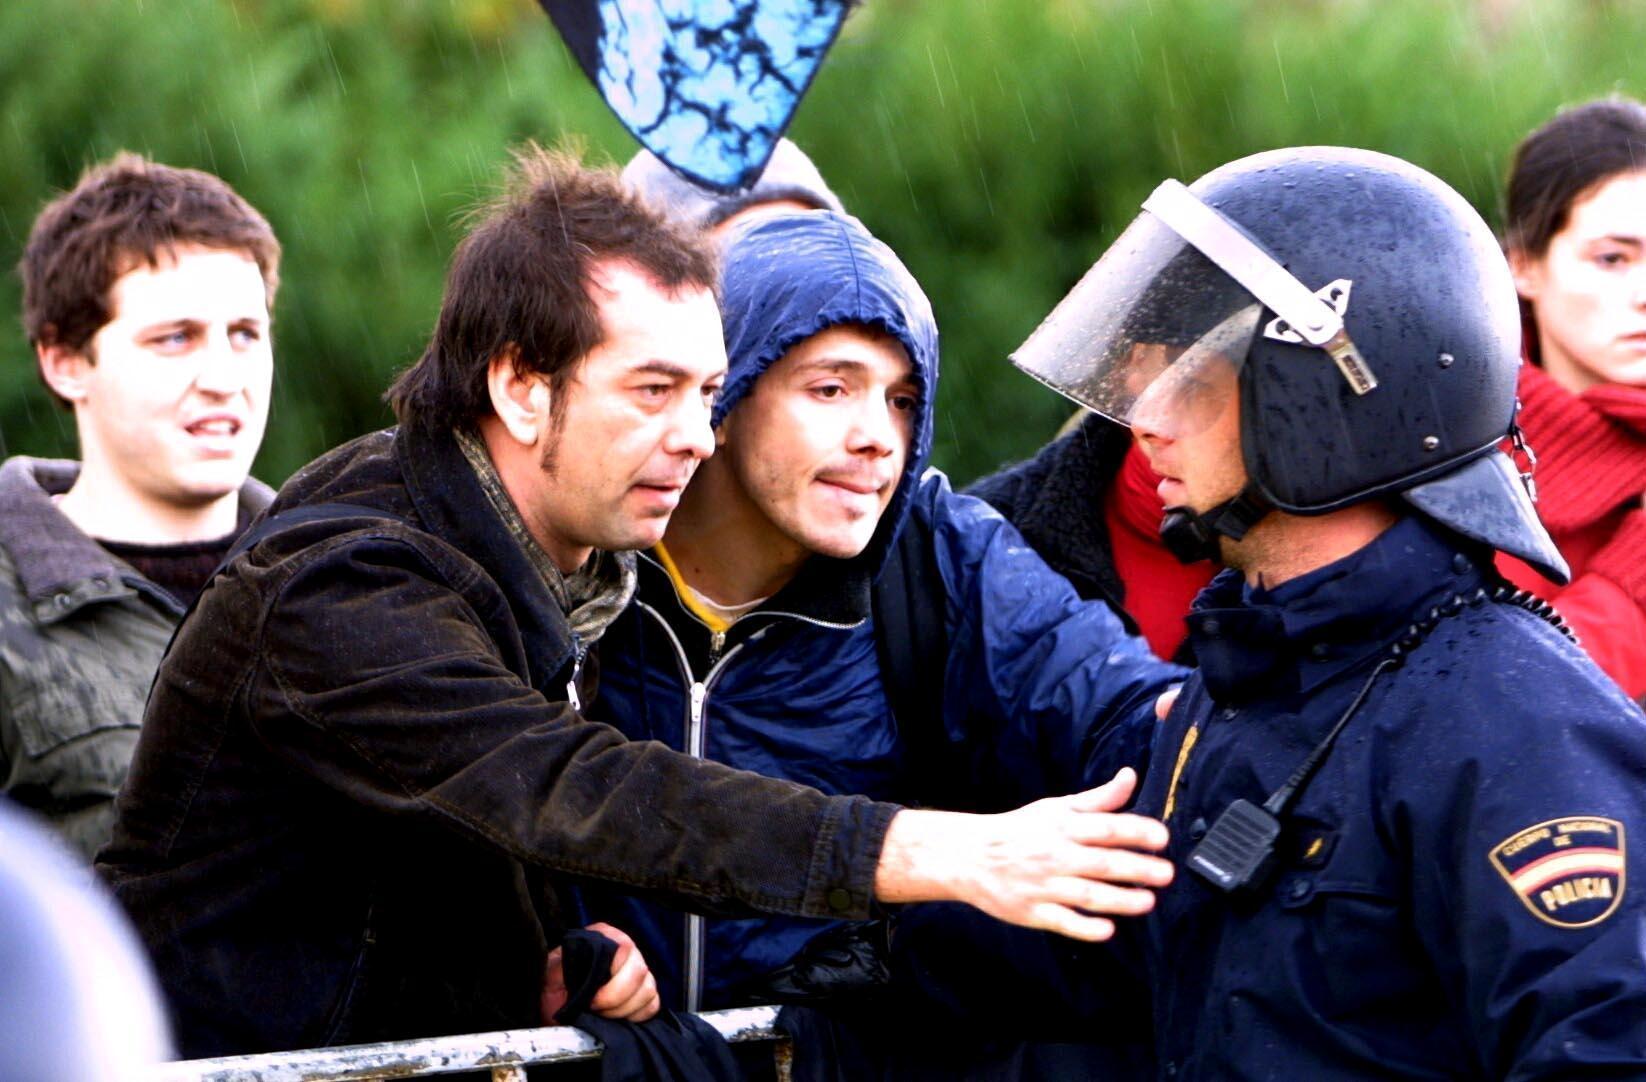 Dos manifestantes intentan hablar con un antidisturbios. <br><b>Xosé Castro</b>